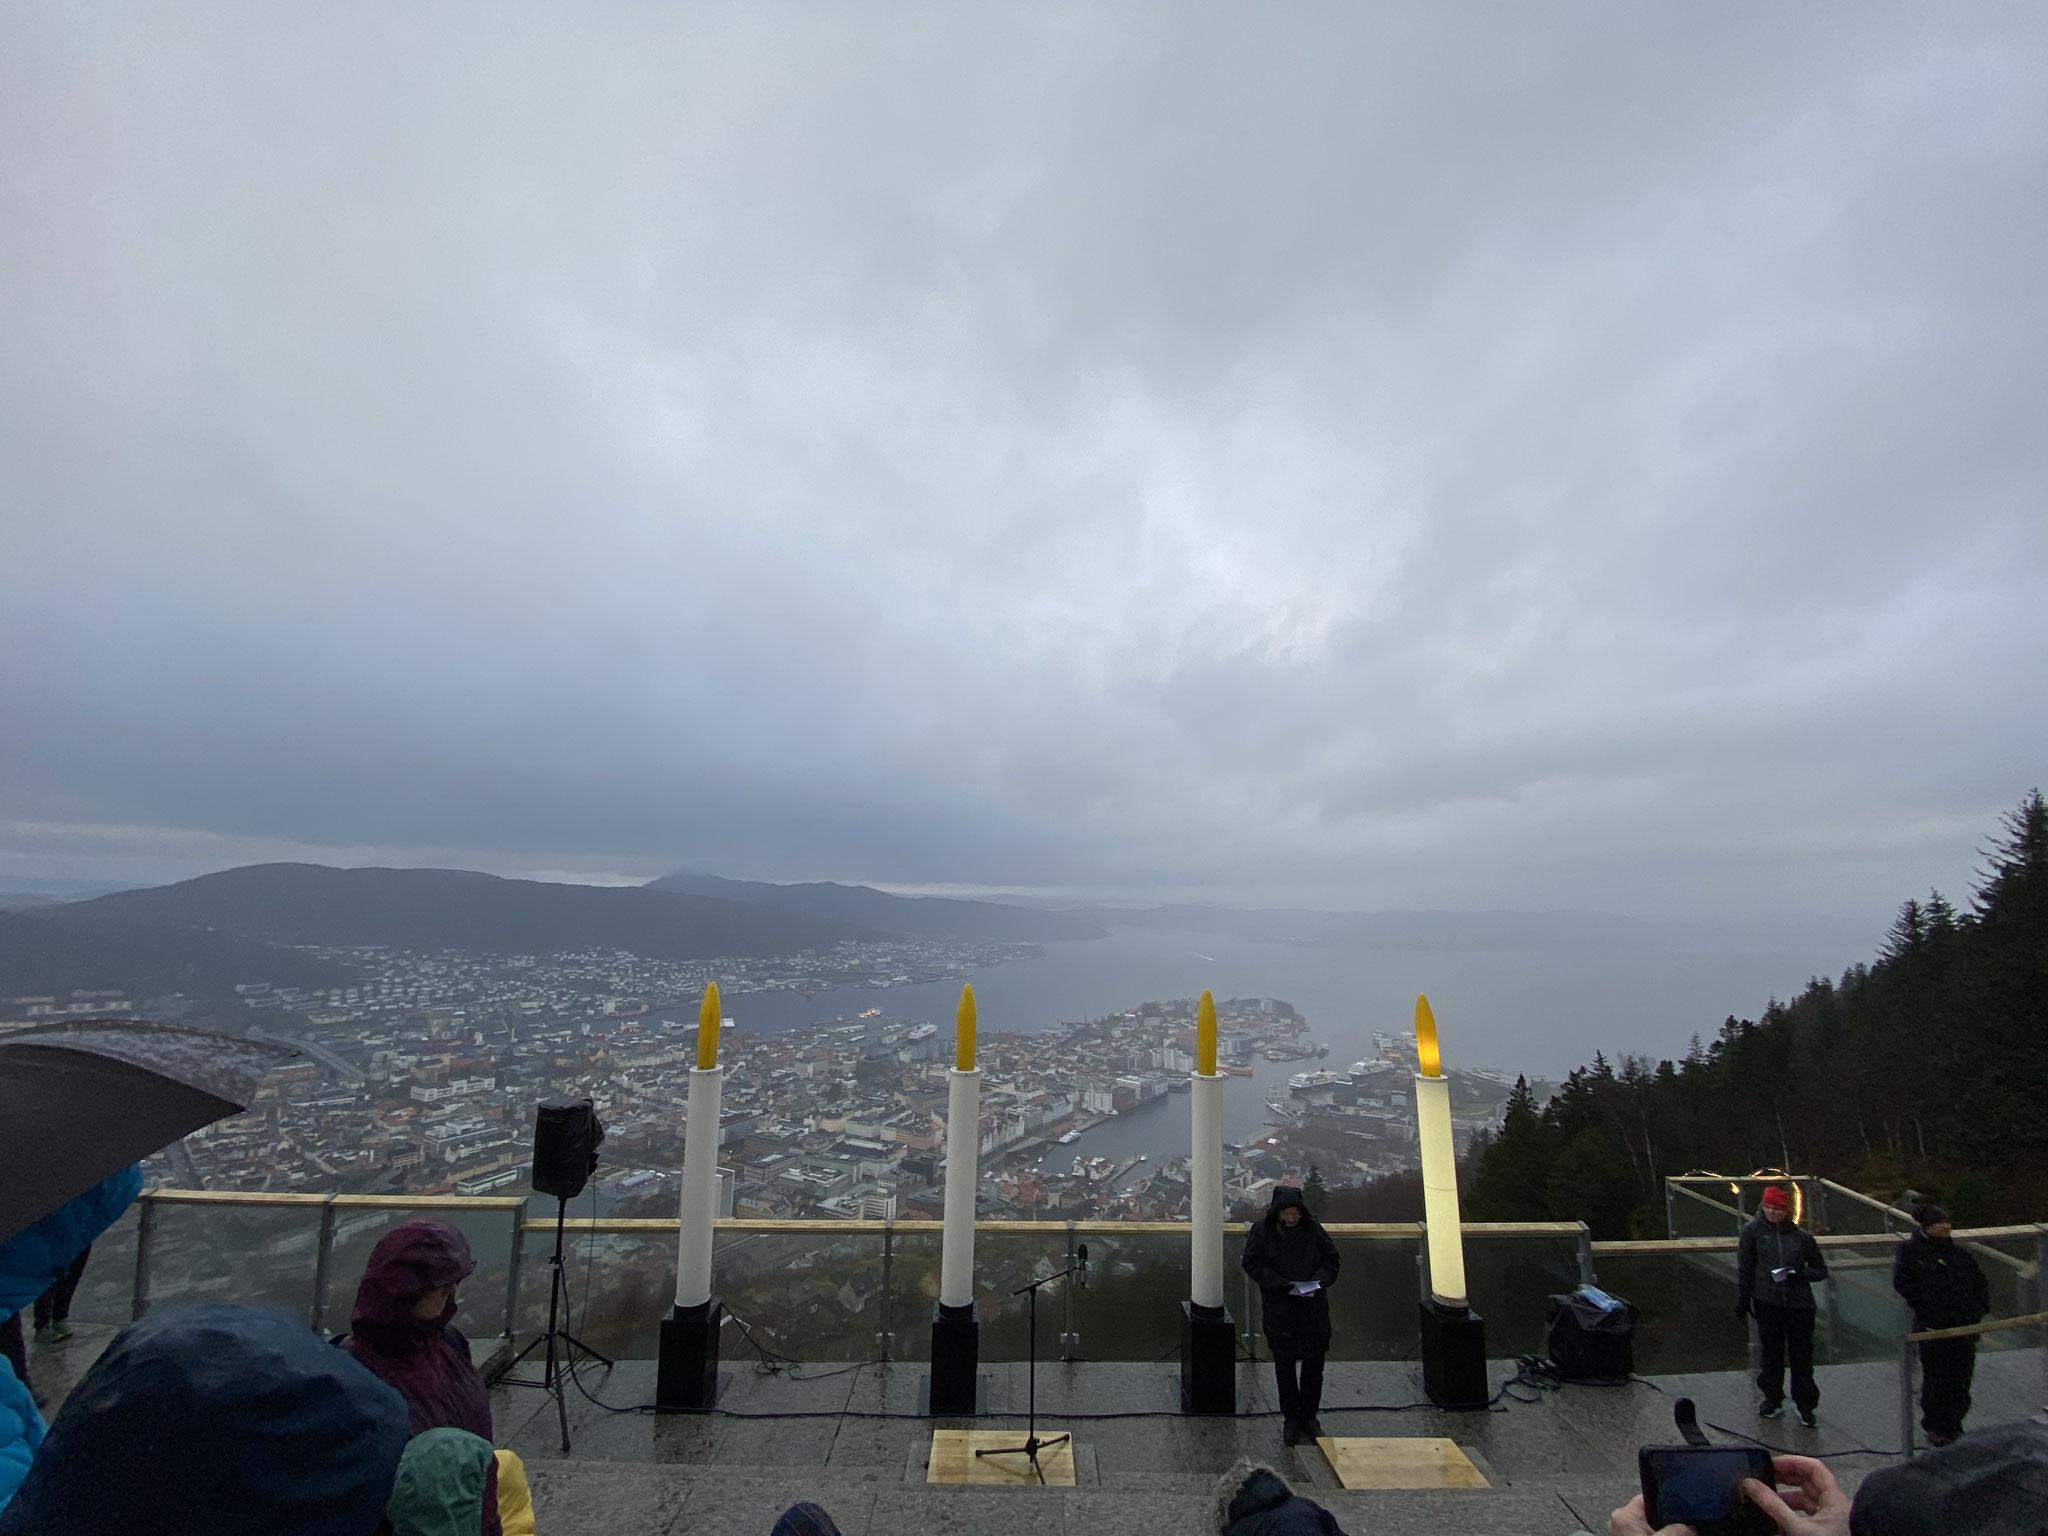 Die erste Kerze leuchtet hoch über der Stadt